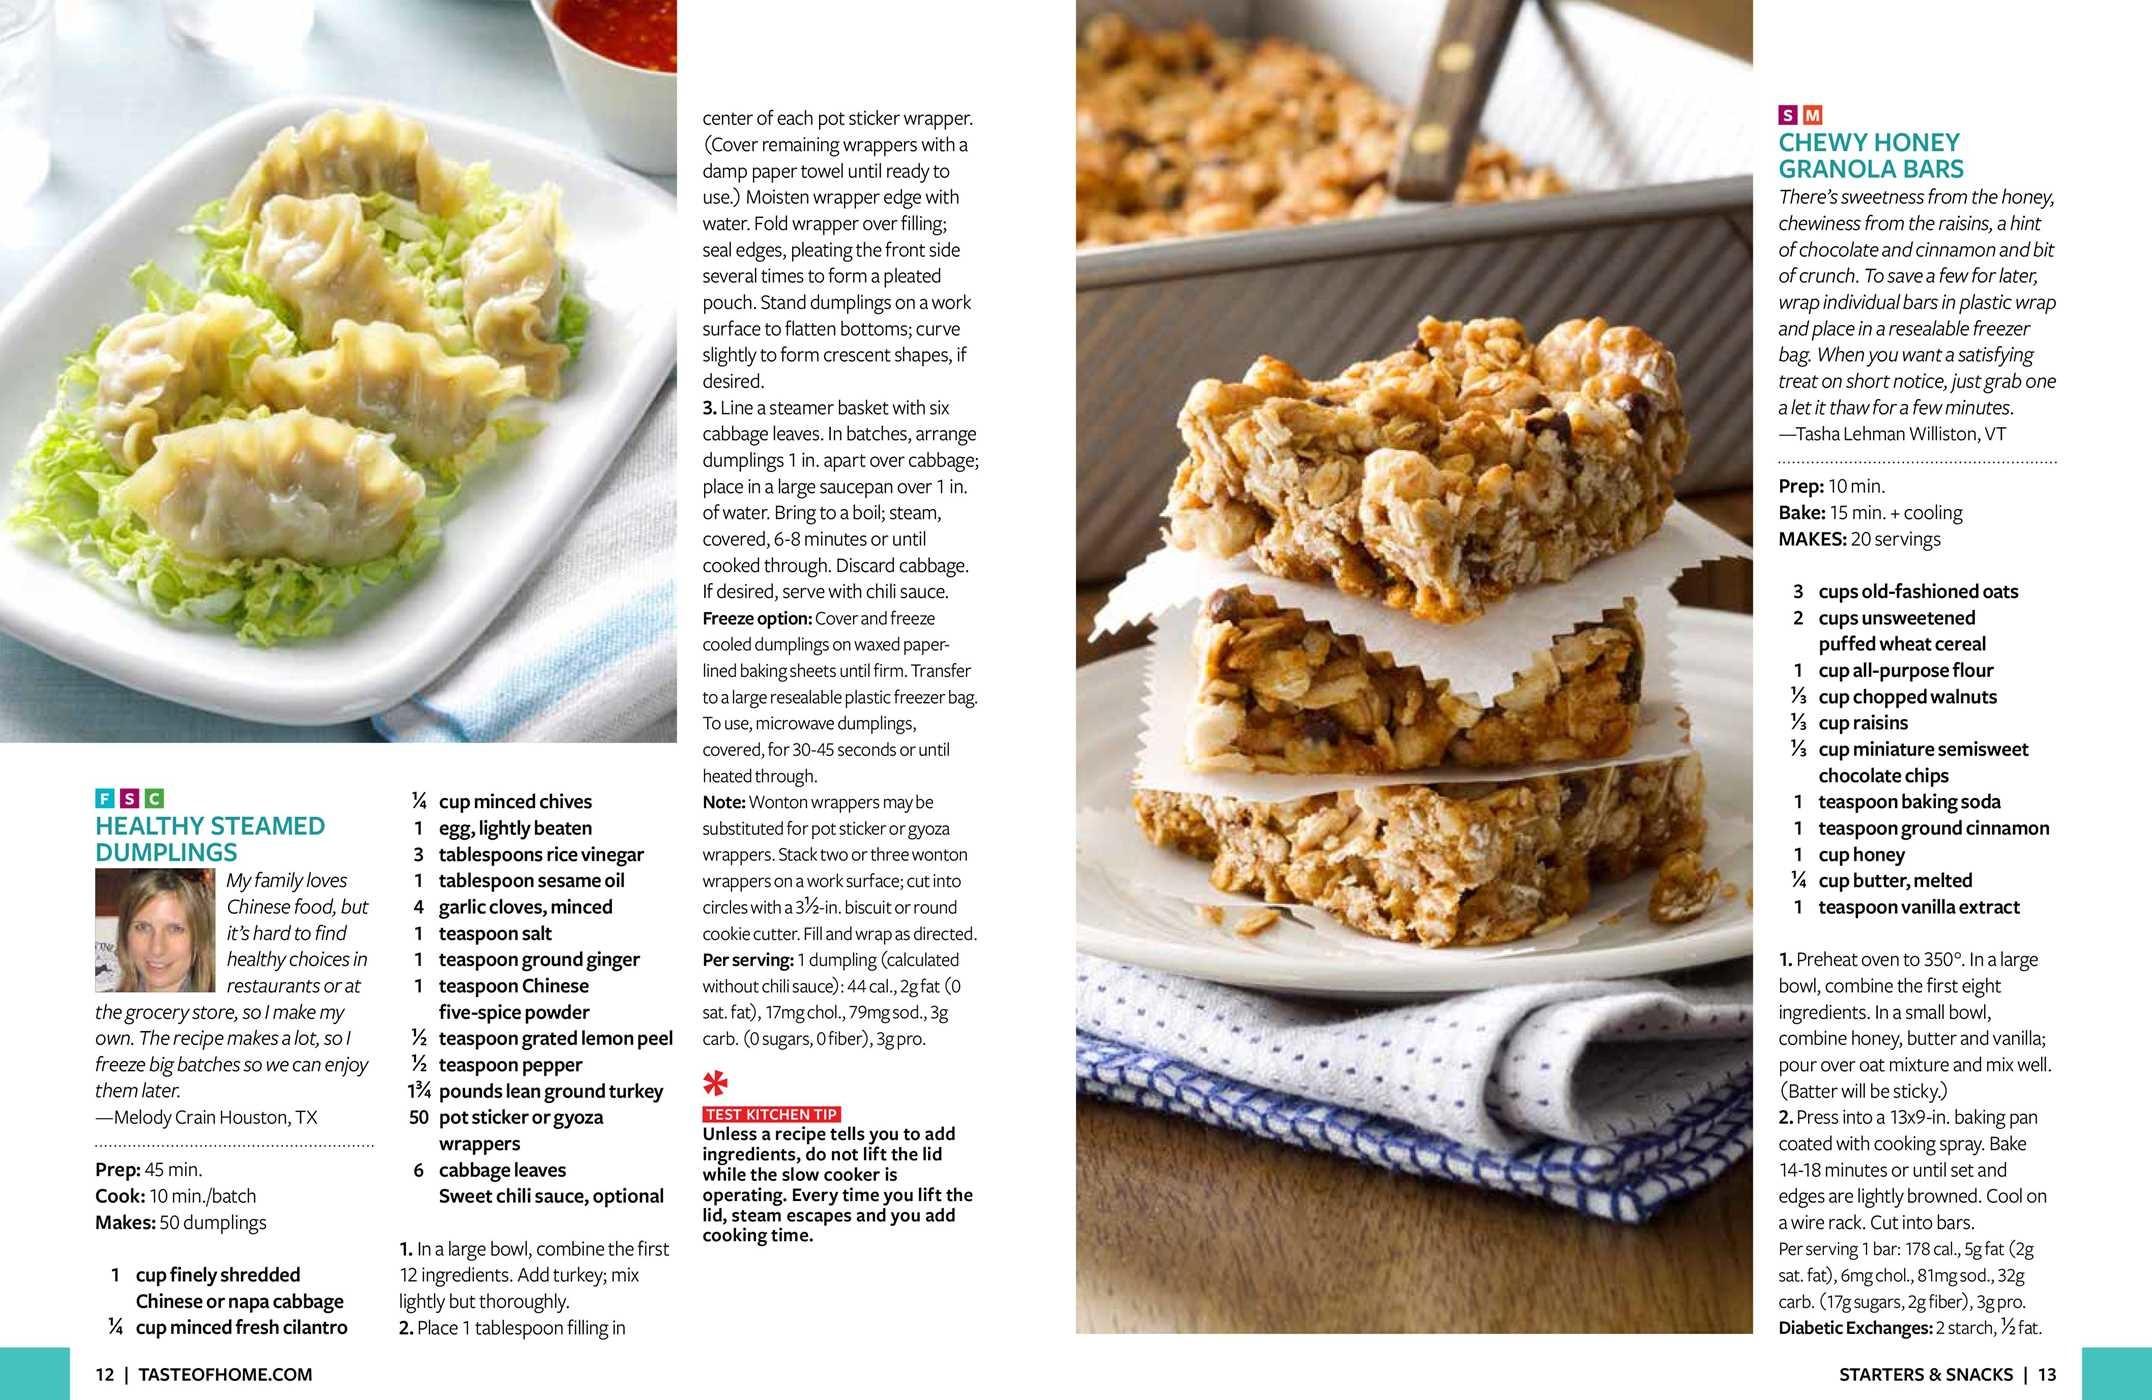 Taste of home simply healthy cookbook 9781617657191.in05